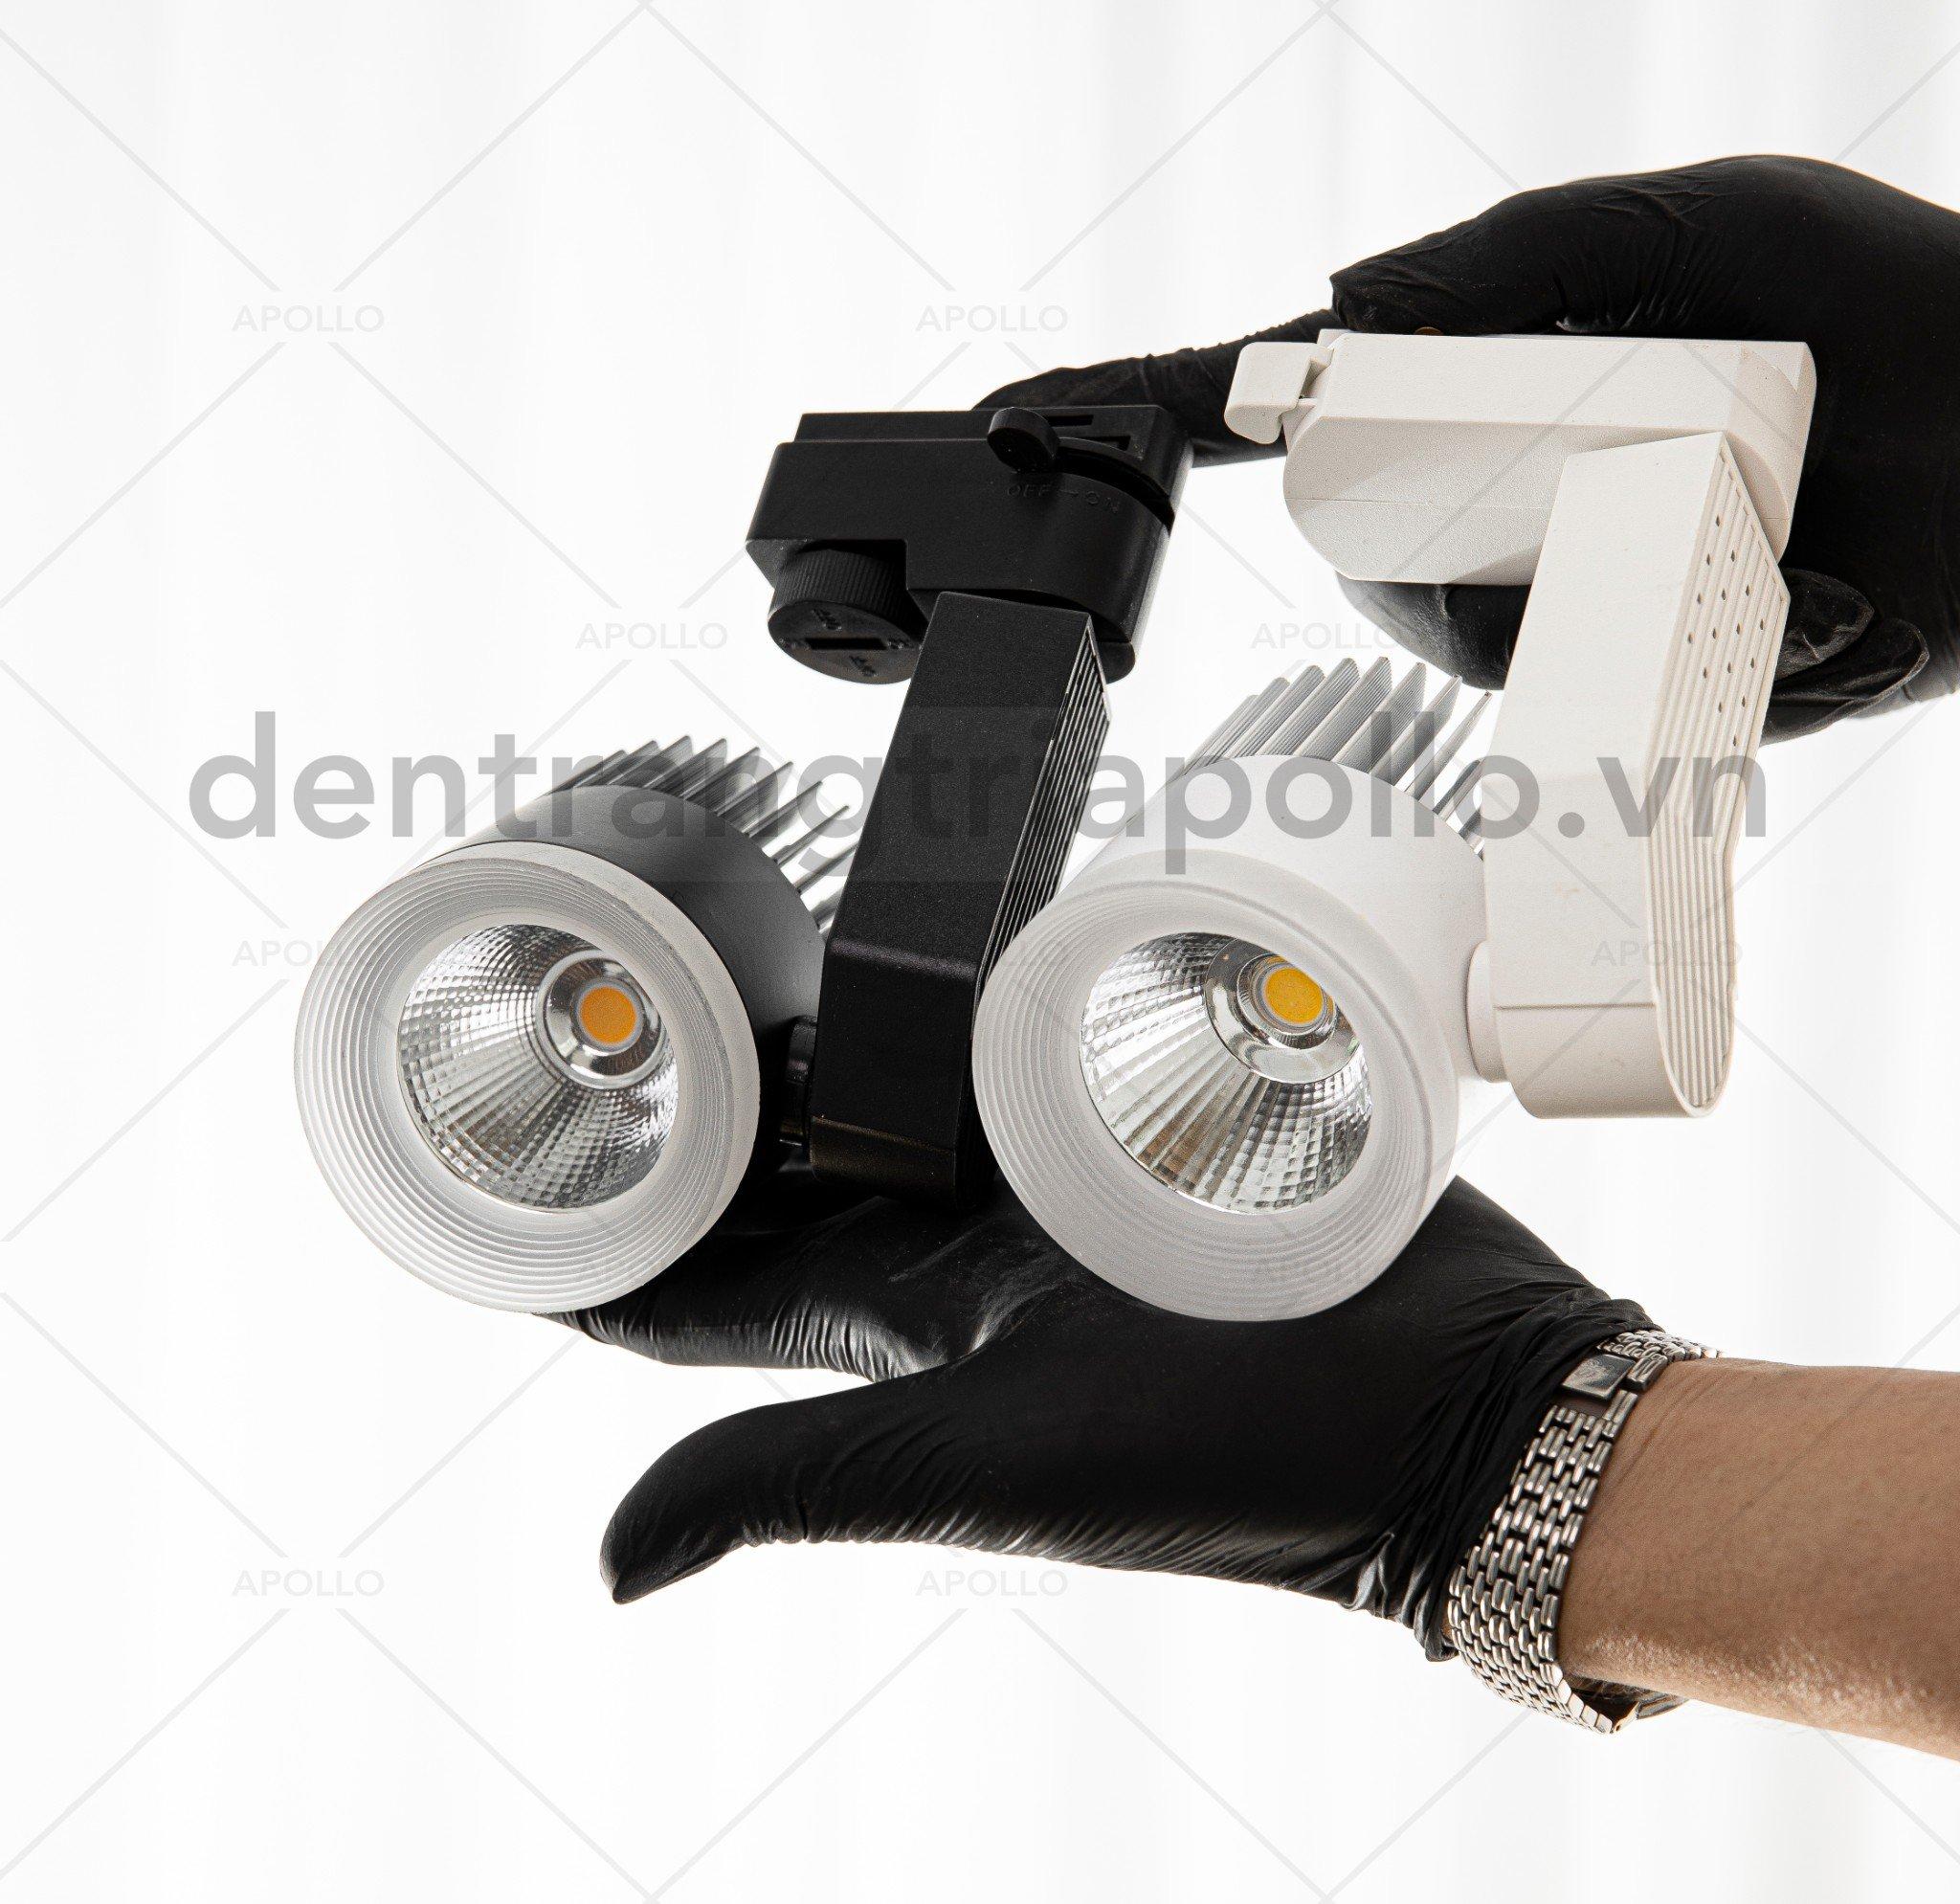 đèn rọi spotlight chiếu điểm